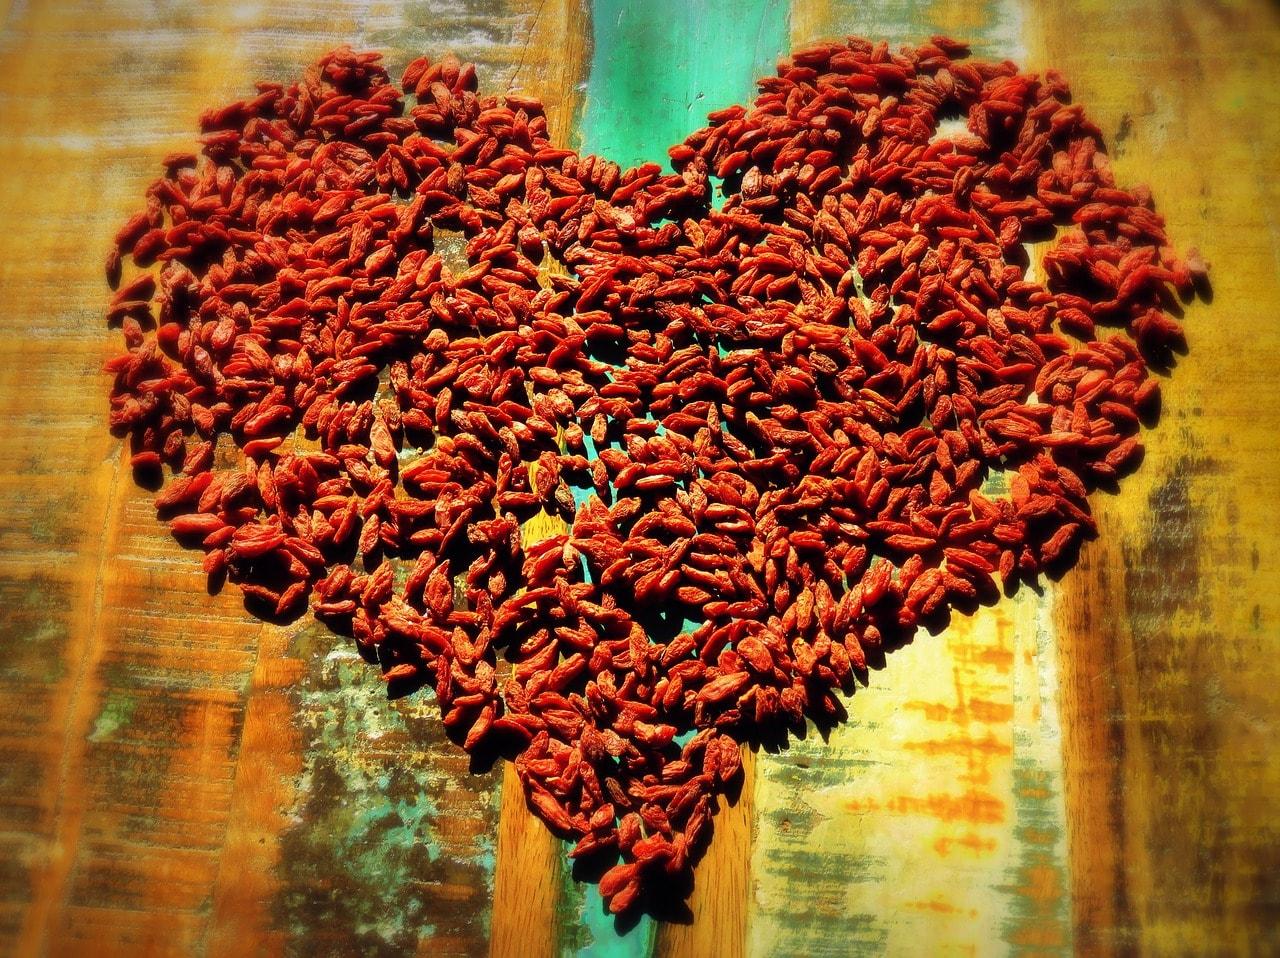 Granos de especias formando un corazón